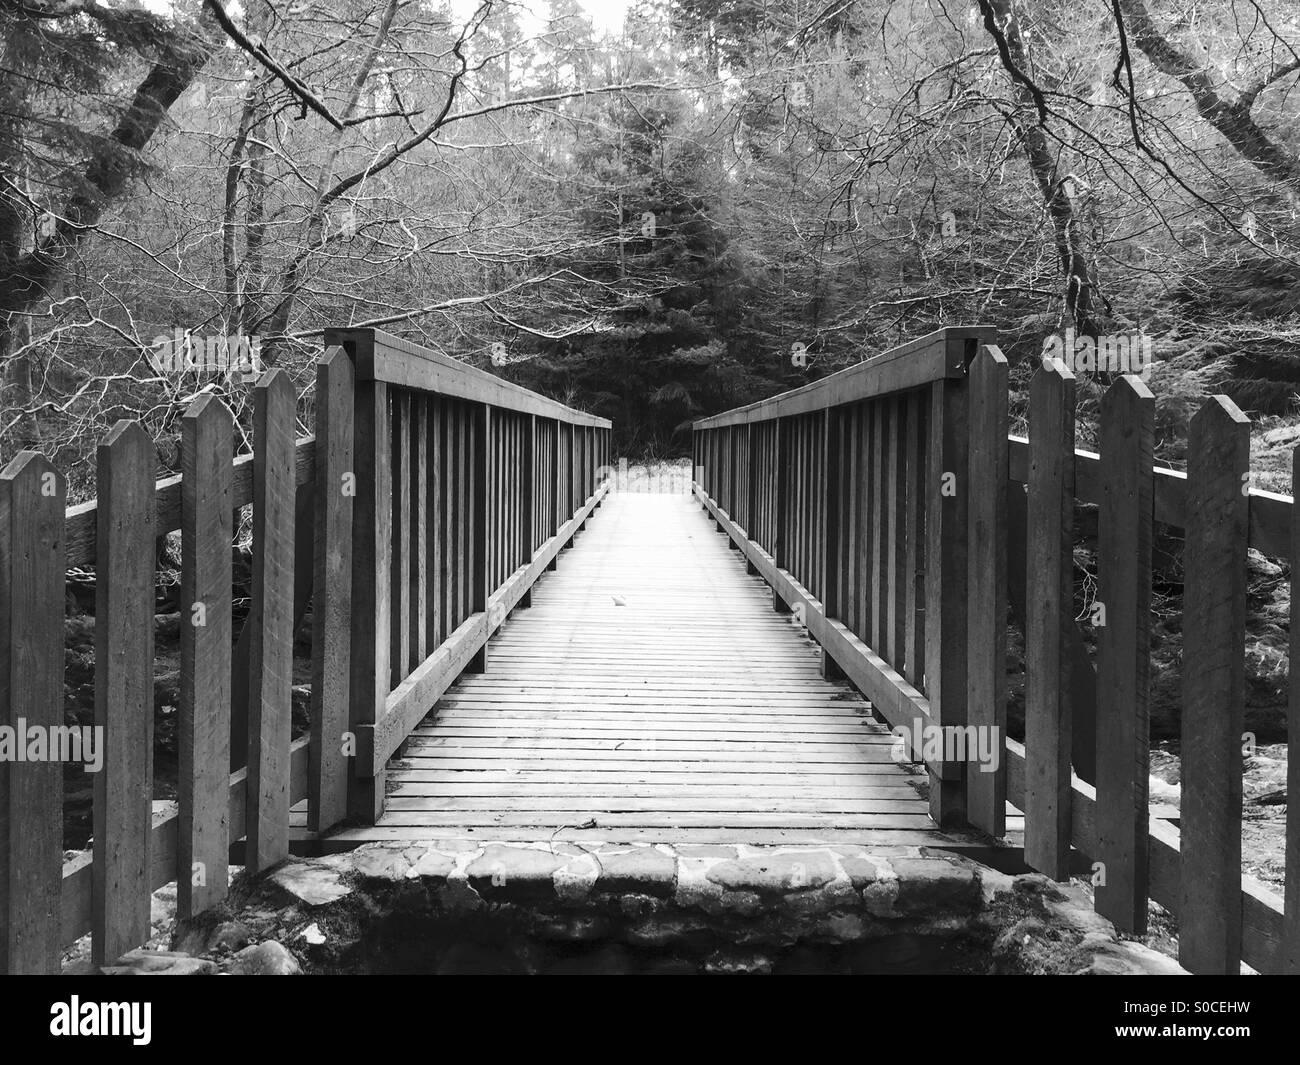 Puente Blanco y negro Foto tomada en Tollymore Park, Irlanda del Norte 28-03-15 Foto de stock